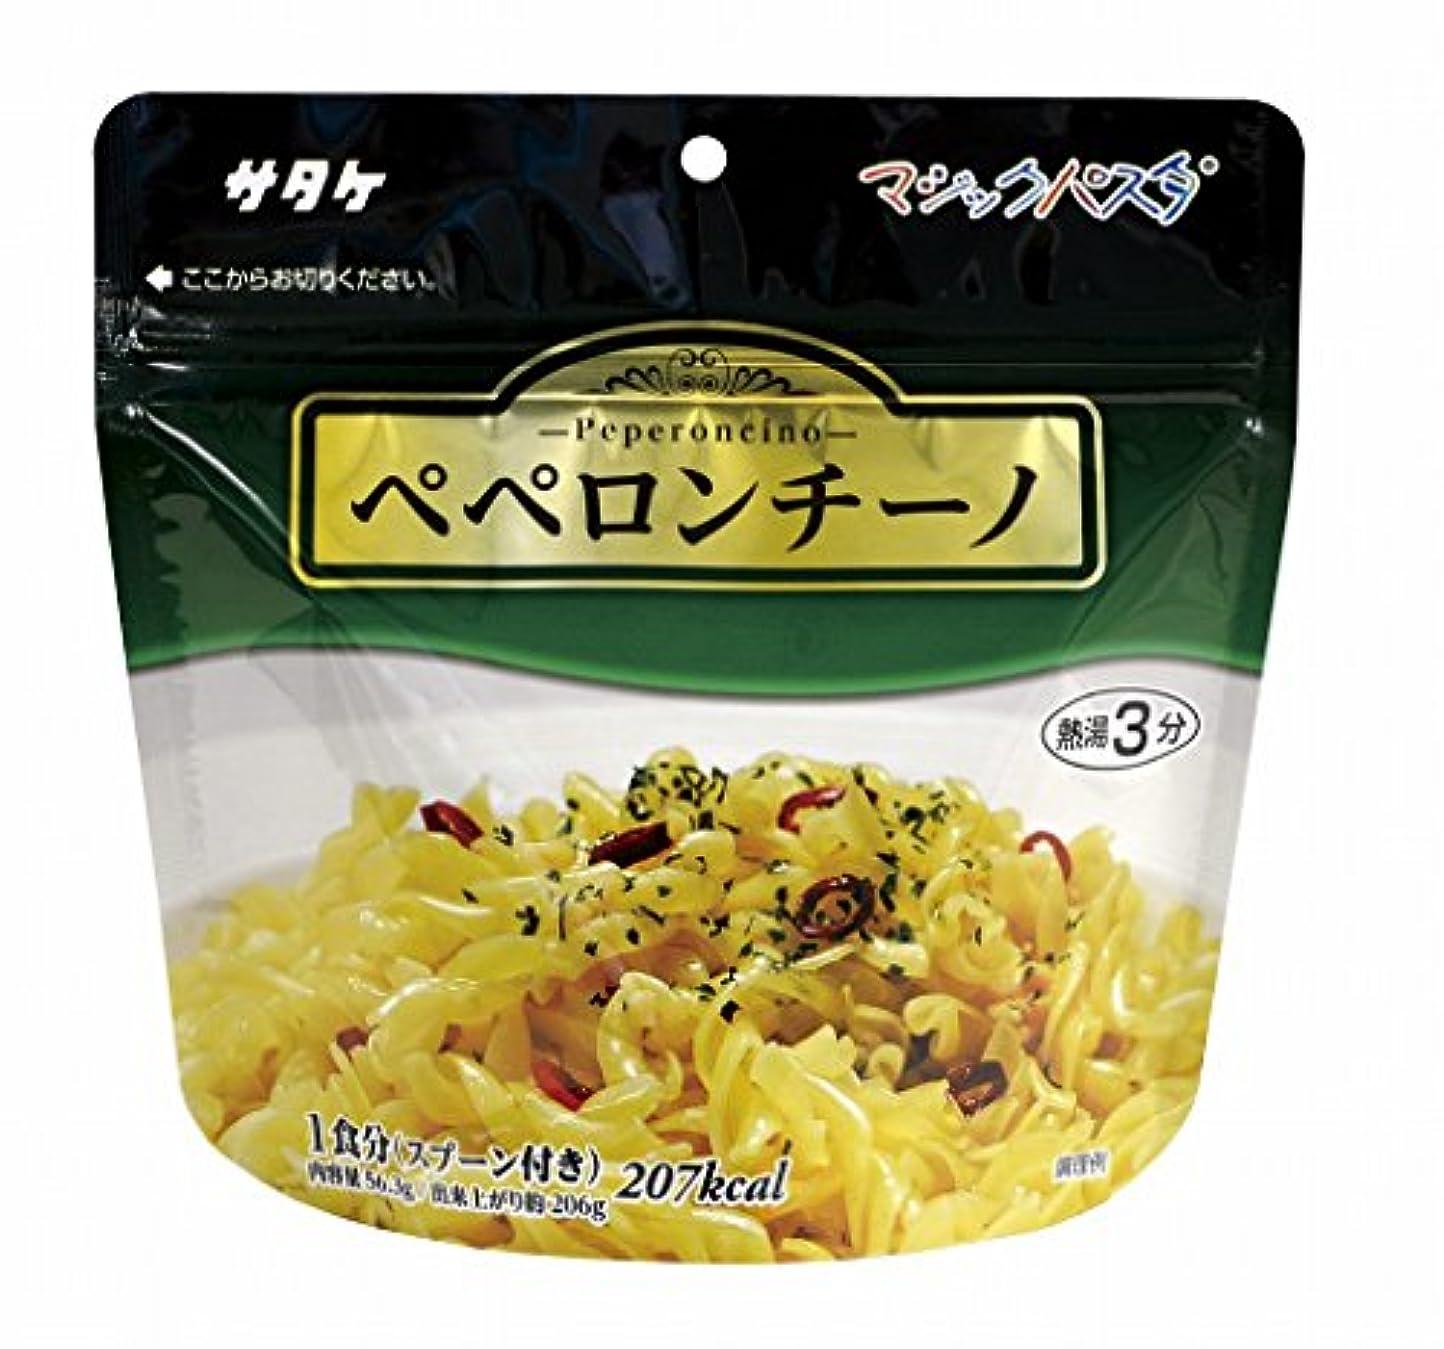 債権者自動車講義サタケ マジックパスタ 保存食 非常食 備蓄用食品 5年間長期保存可能 ペペロンチーノ 20食×2セット 日本製